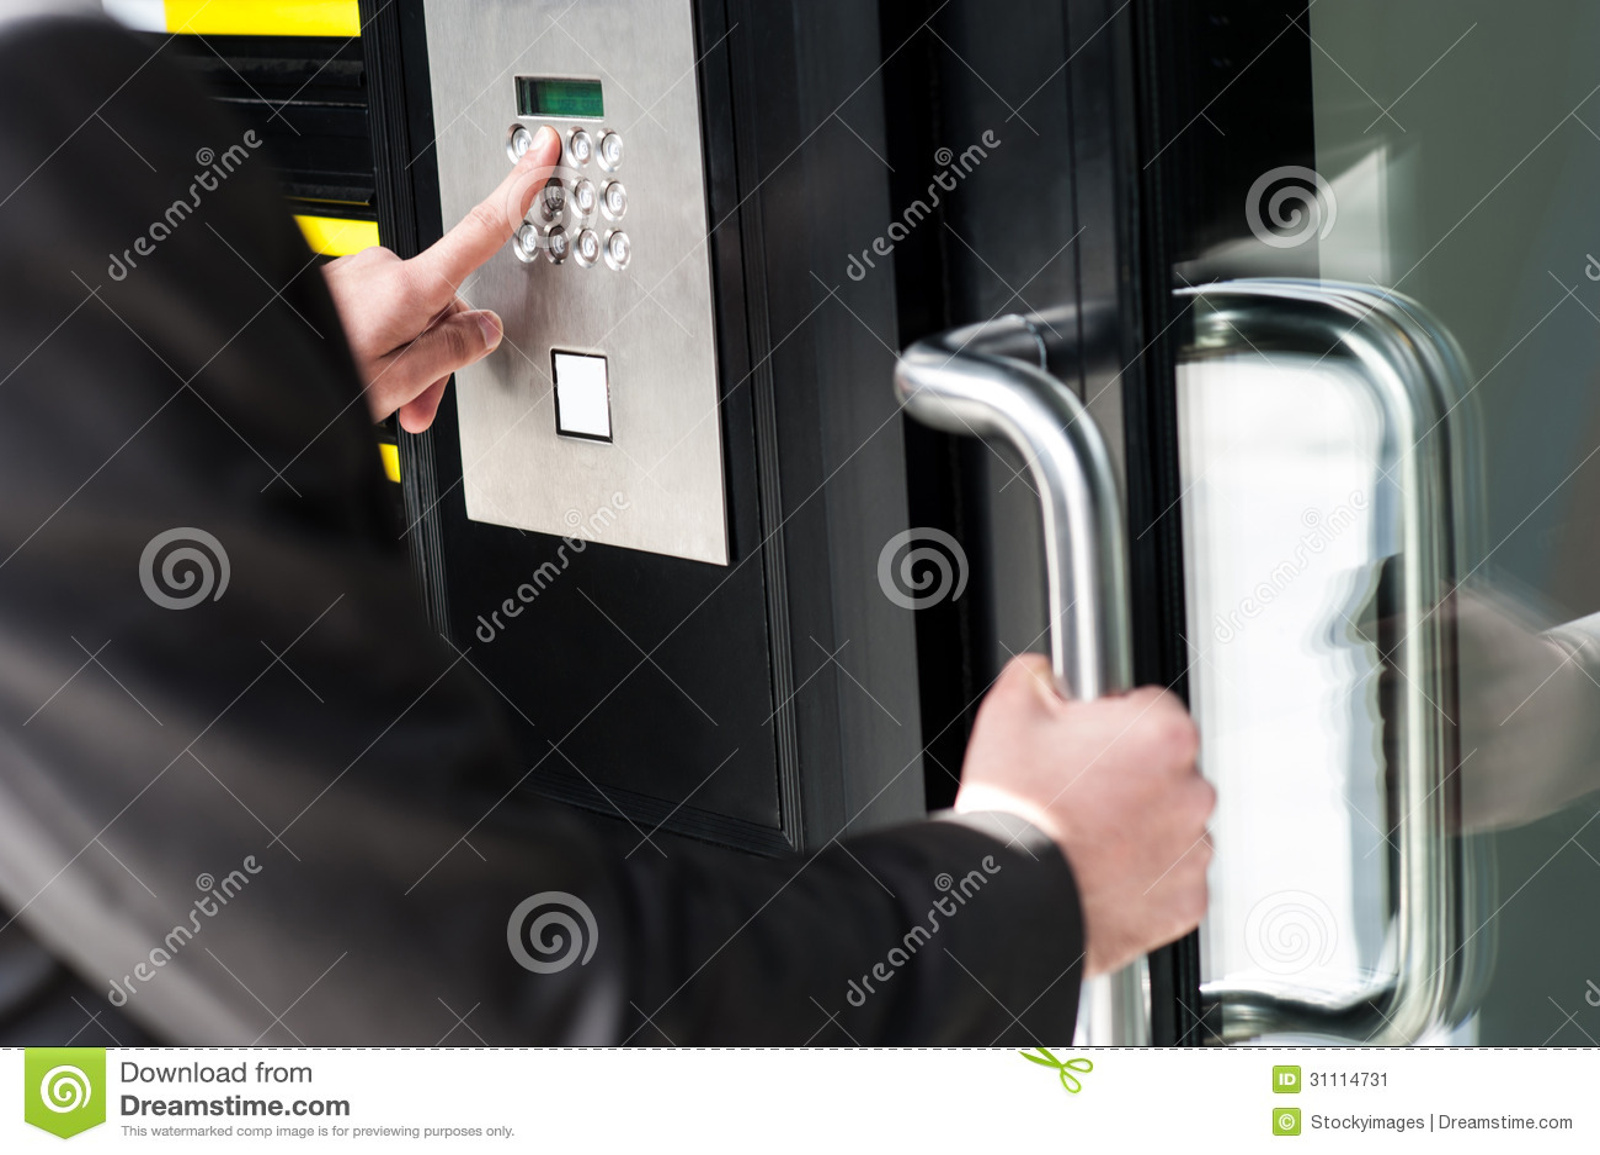 Man entering security code to unlock the door